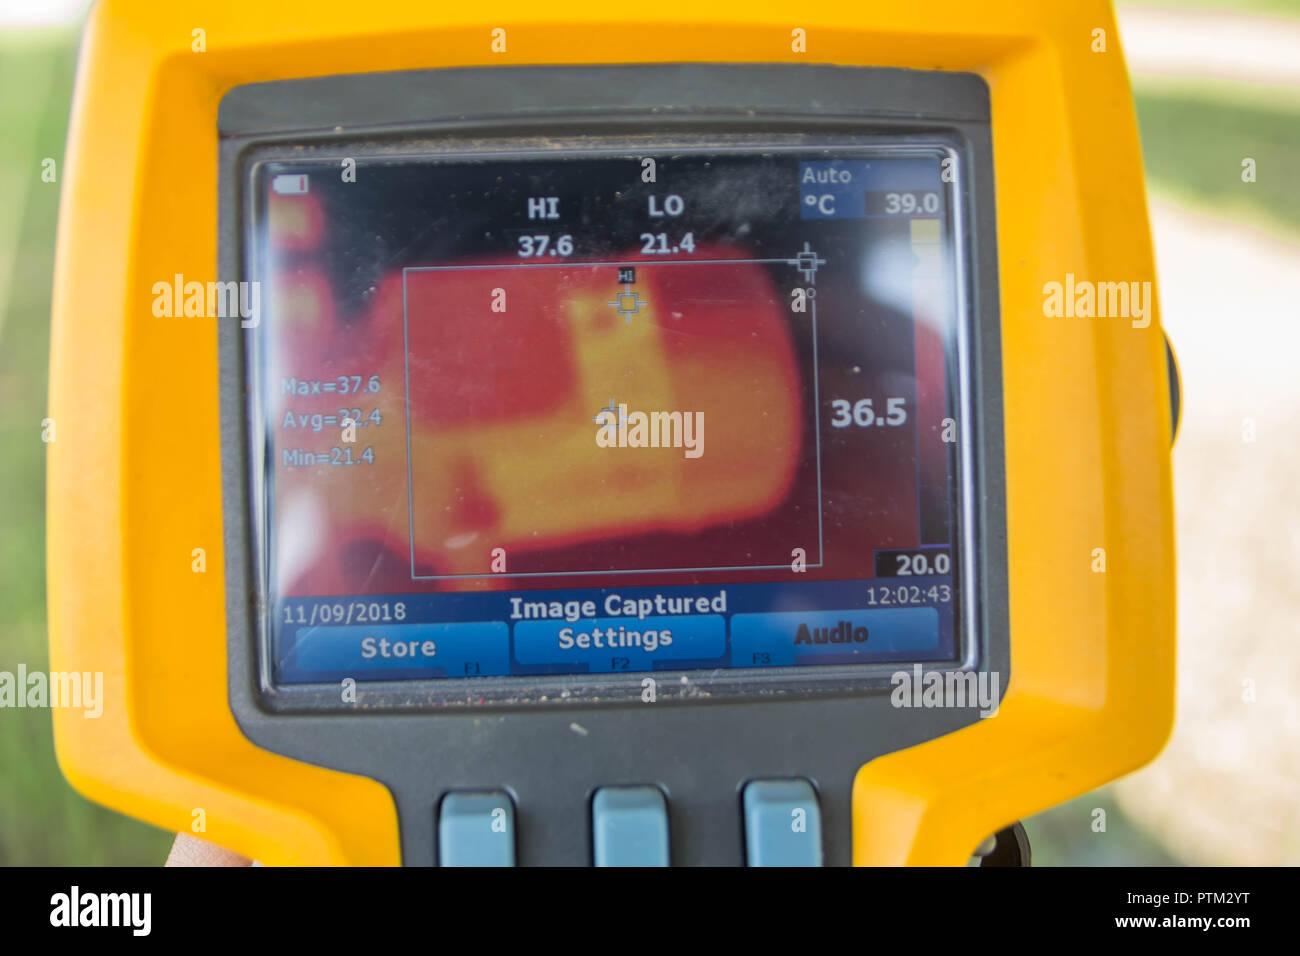 Thermoscan(immagine termica telecamera), Scansione al motore per controllare temp. Immagini Stock